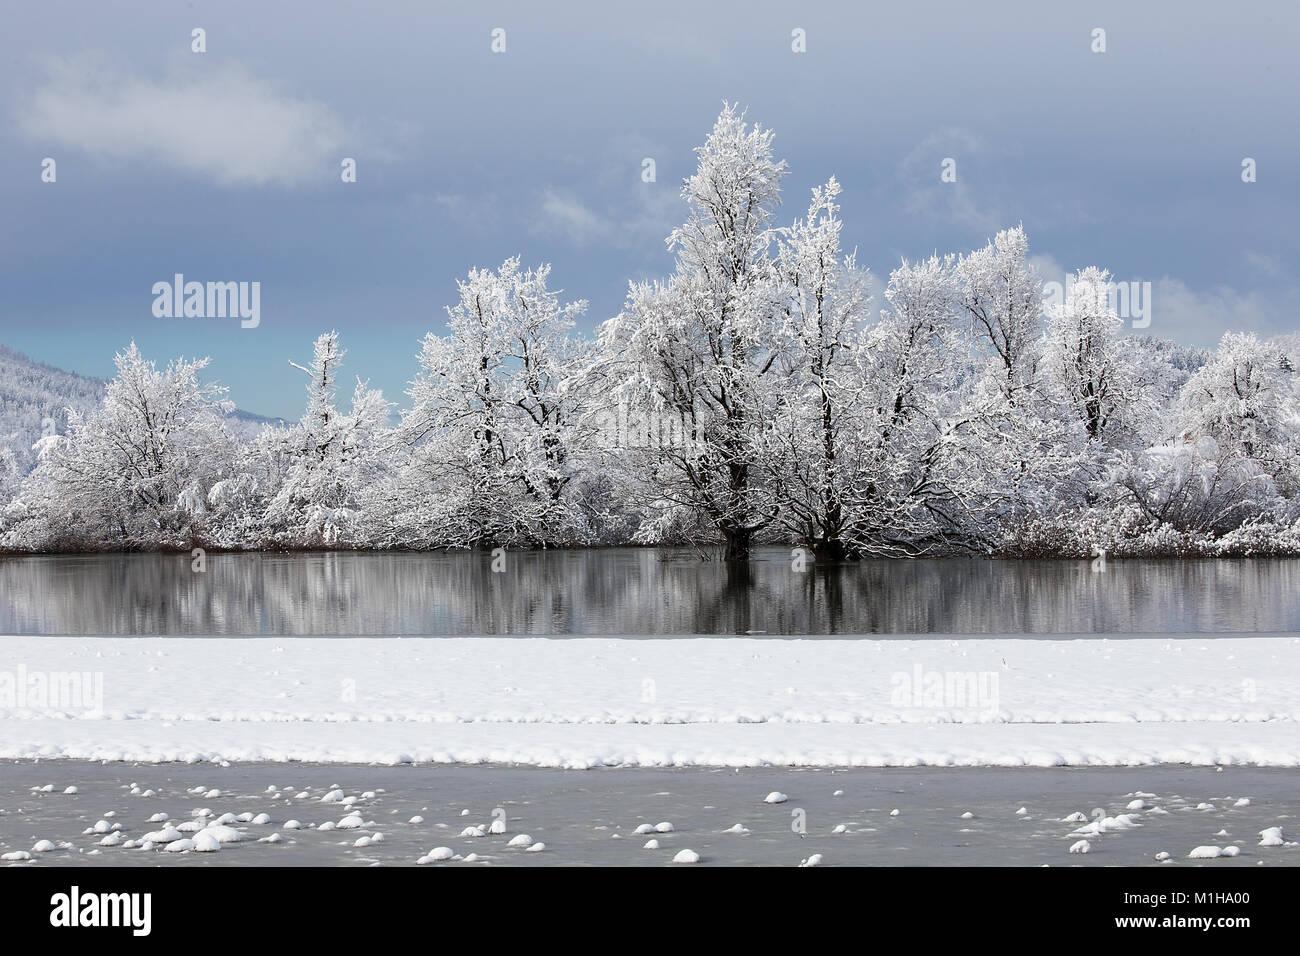 Sfondi Paesaggi Natalizi.Paesaggio Invernale Sfondo Per Carte Di Natale Desktop Con Acqua Di Riflessione Alberi Ghiaccio E Neve Planina Slovenia Foto Stock Alamy